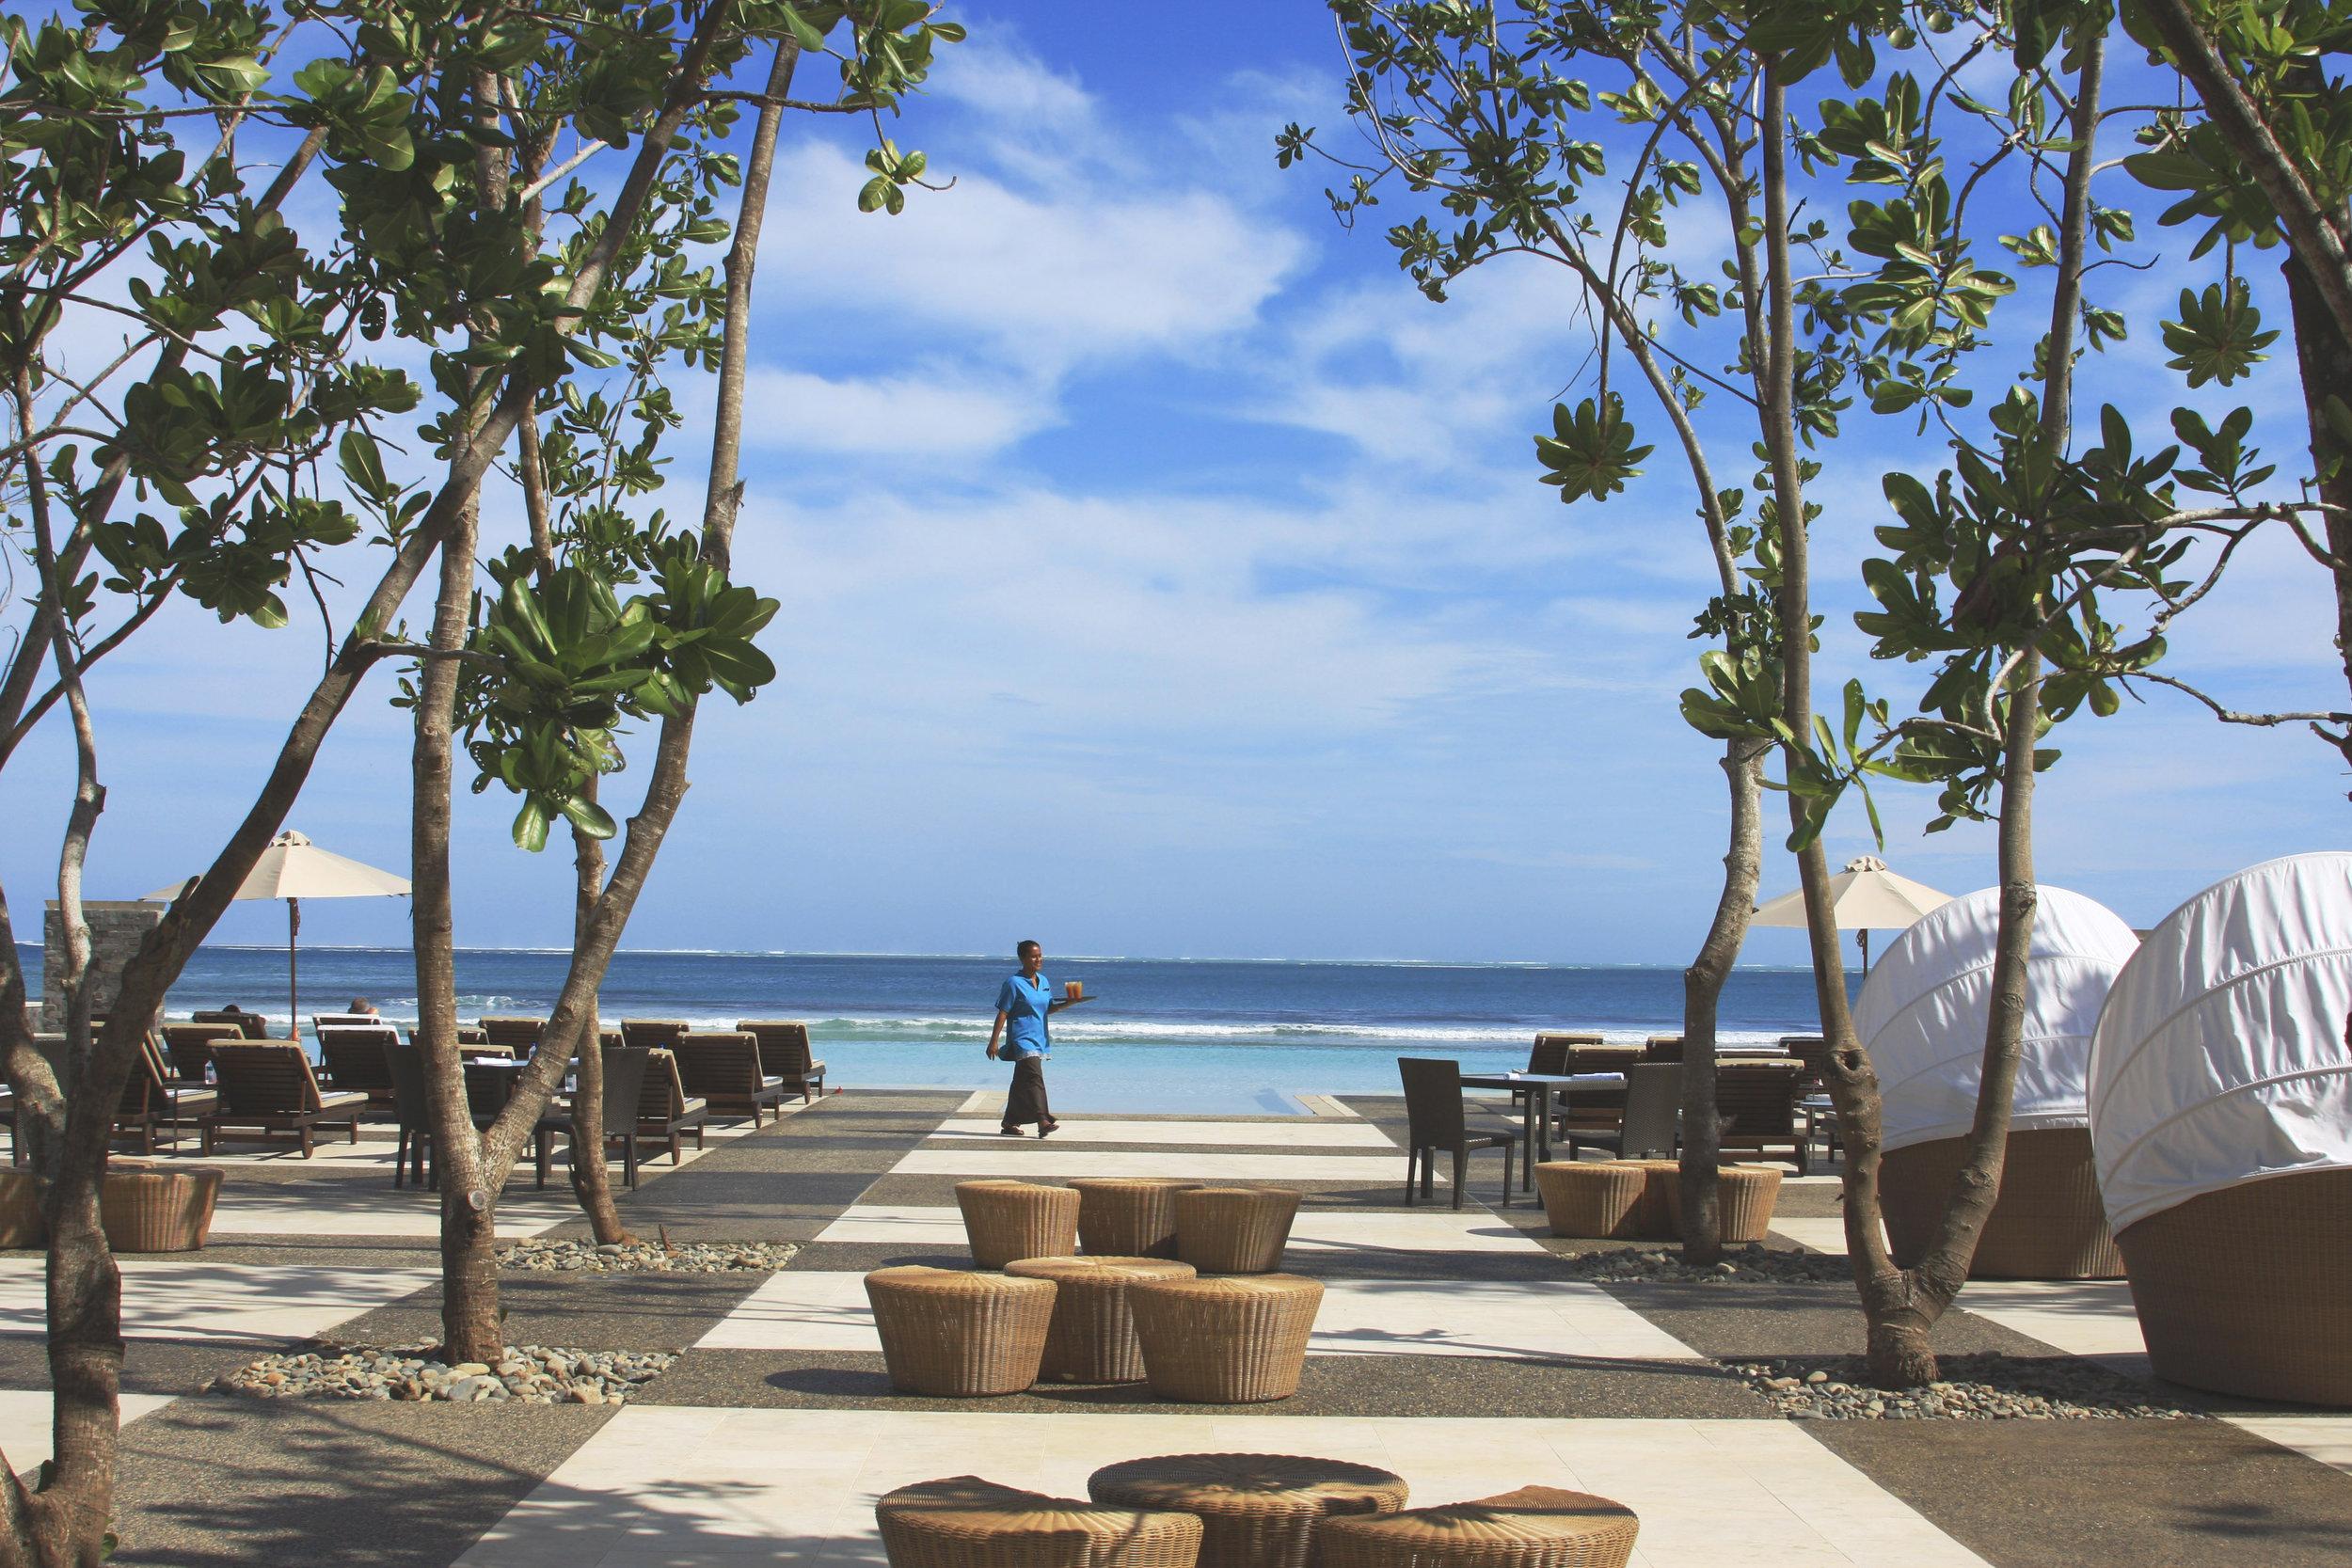 Intercontinental-Golf-and-Spa-Fiji3888x2592.jpg